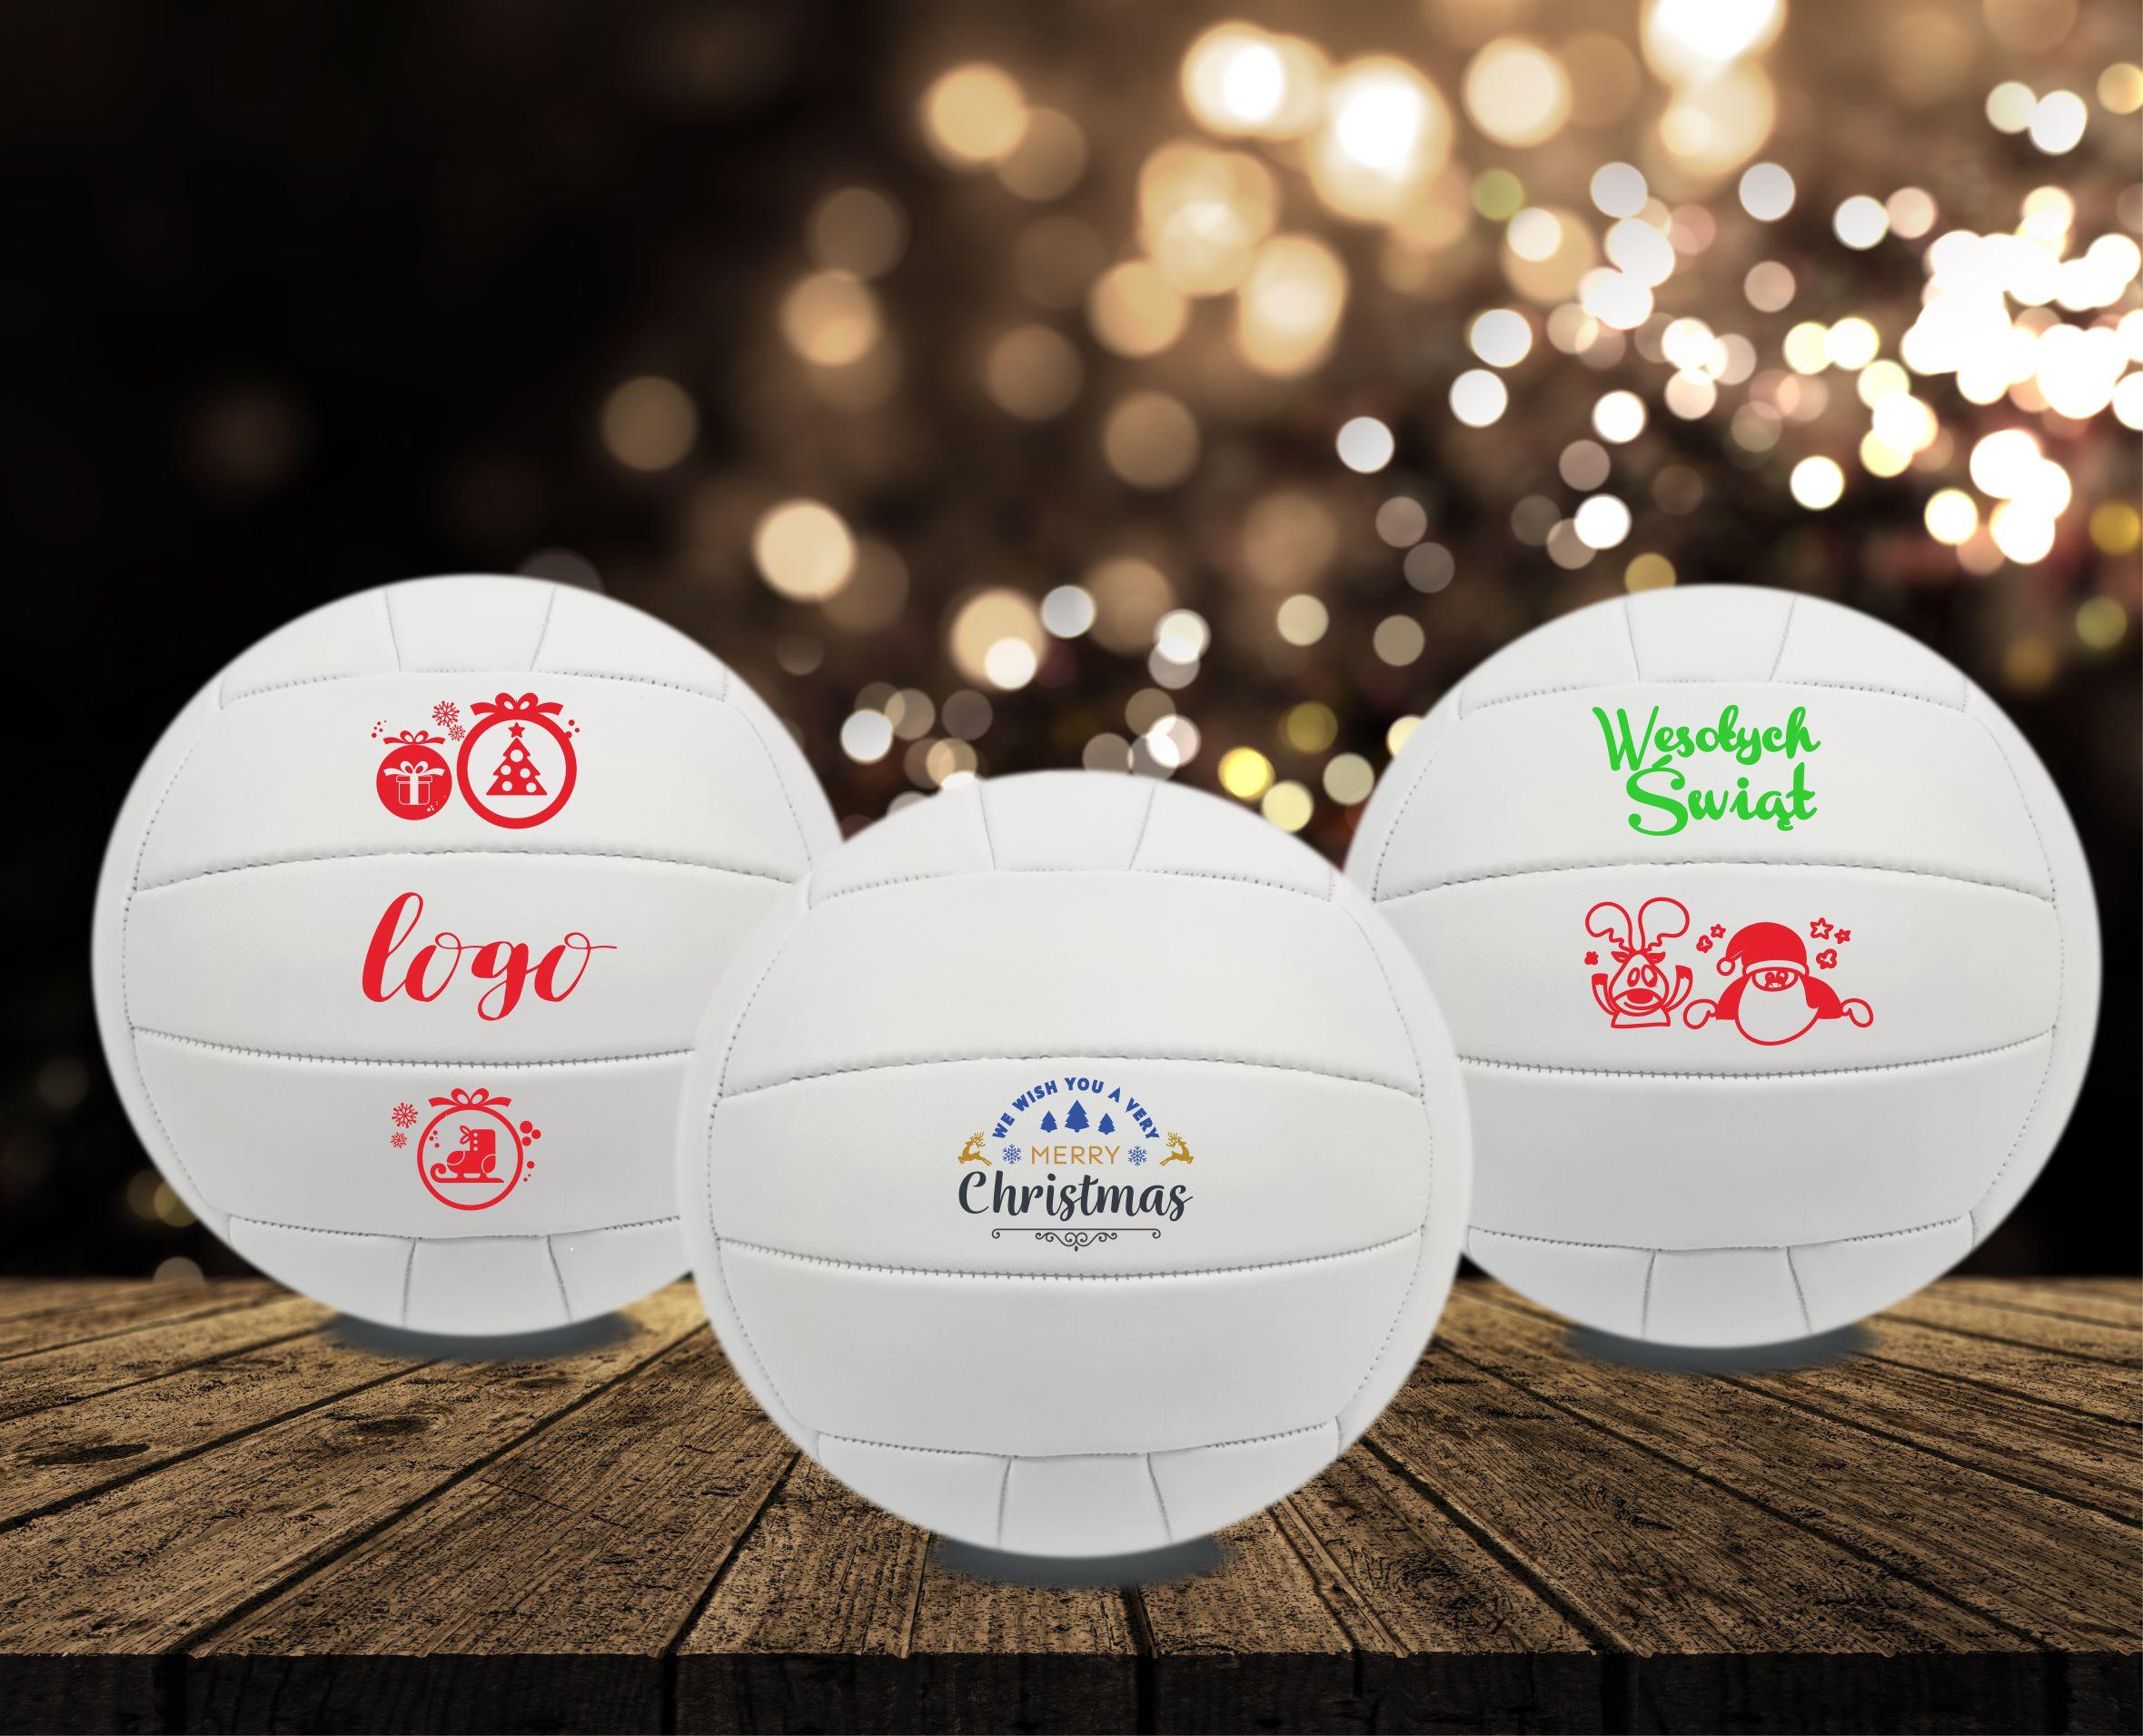 Piłki świąteczne, biała piłka z logo, upominek sportowy